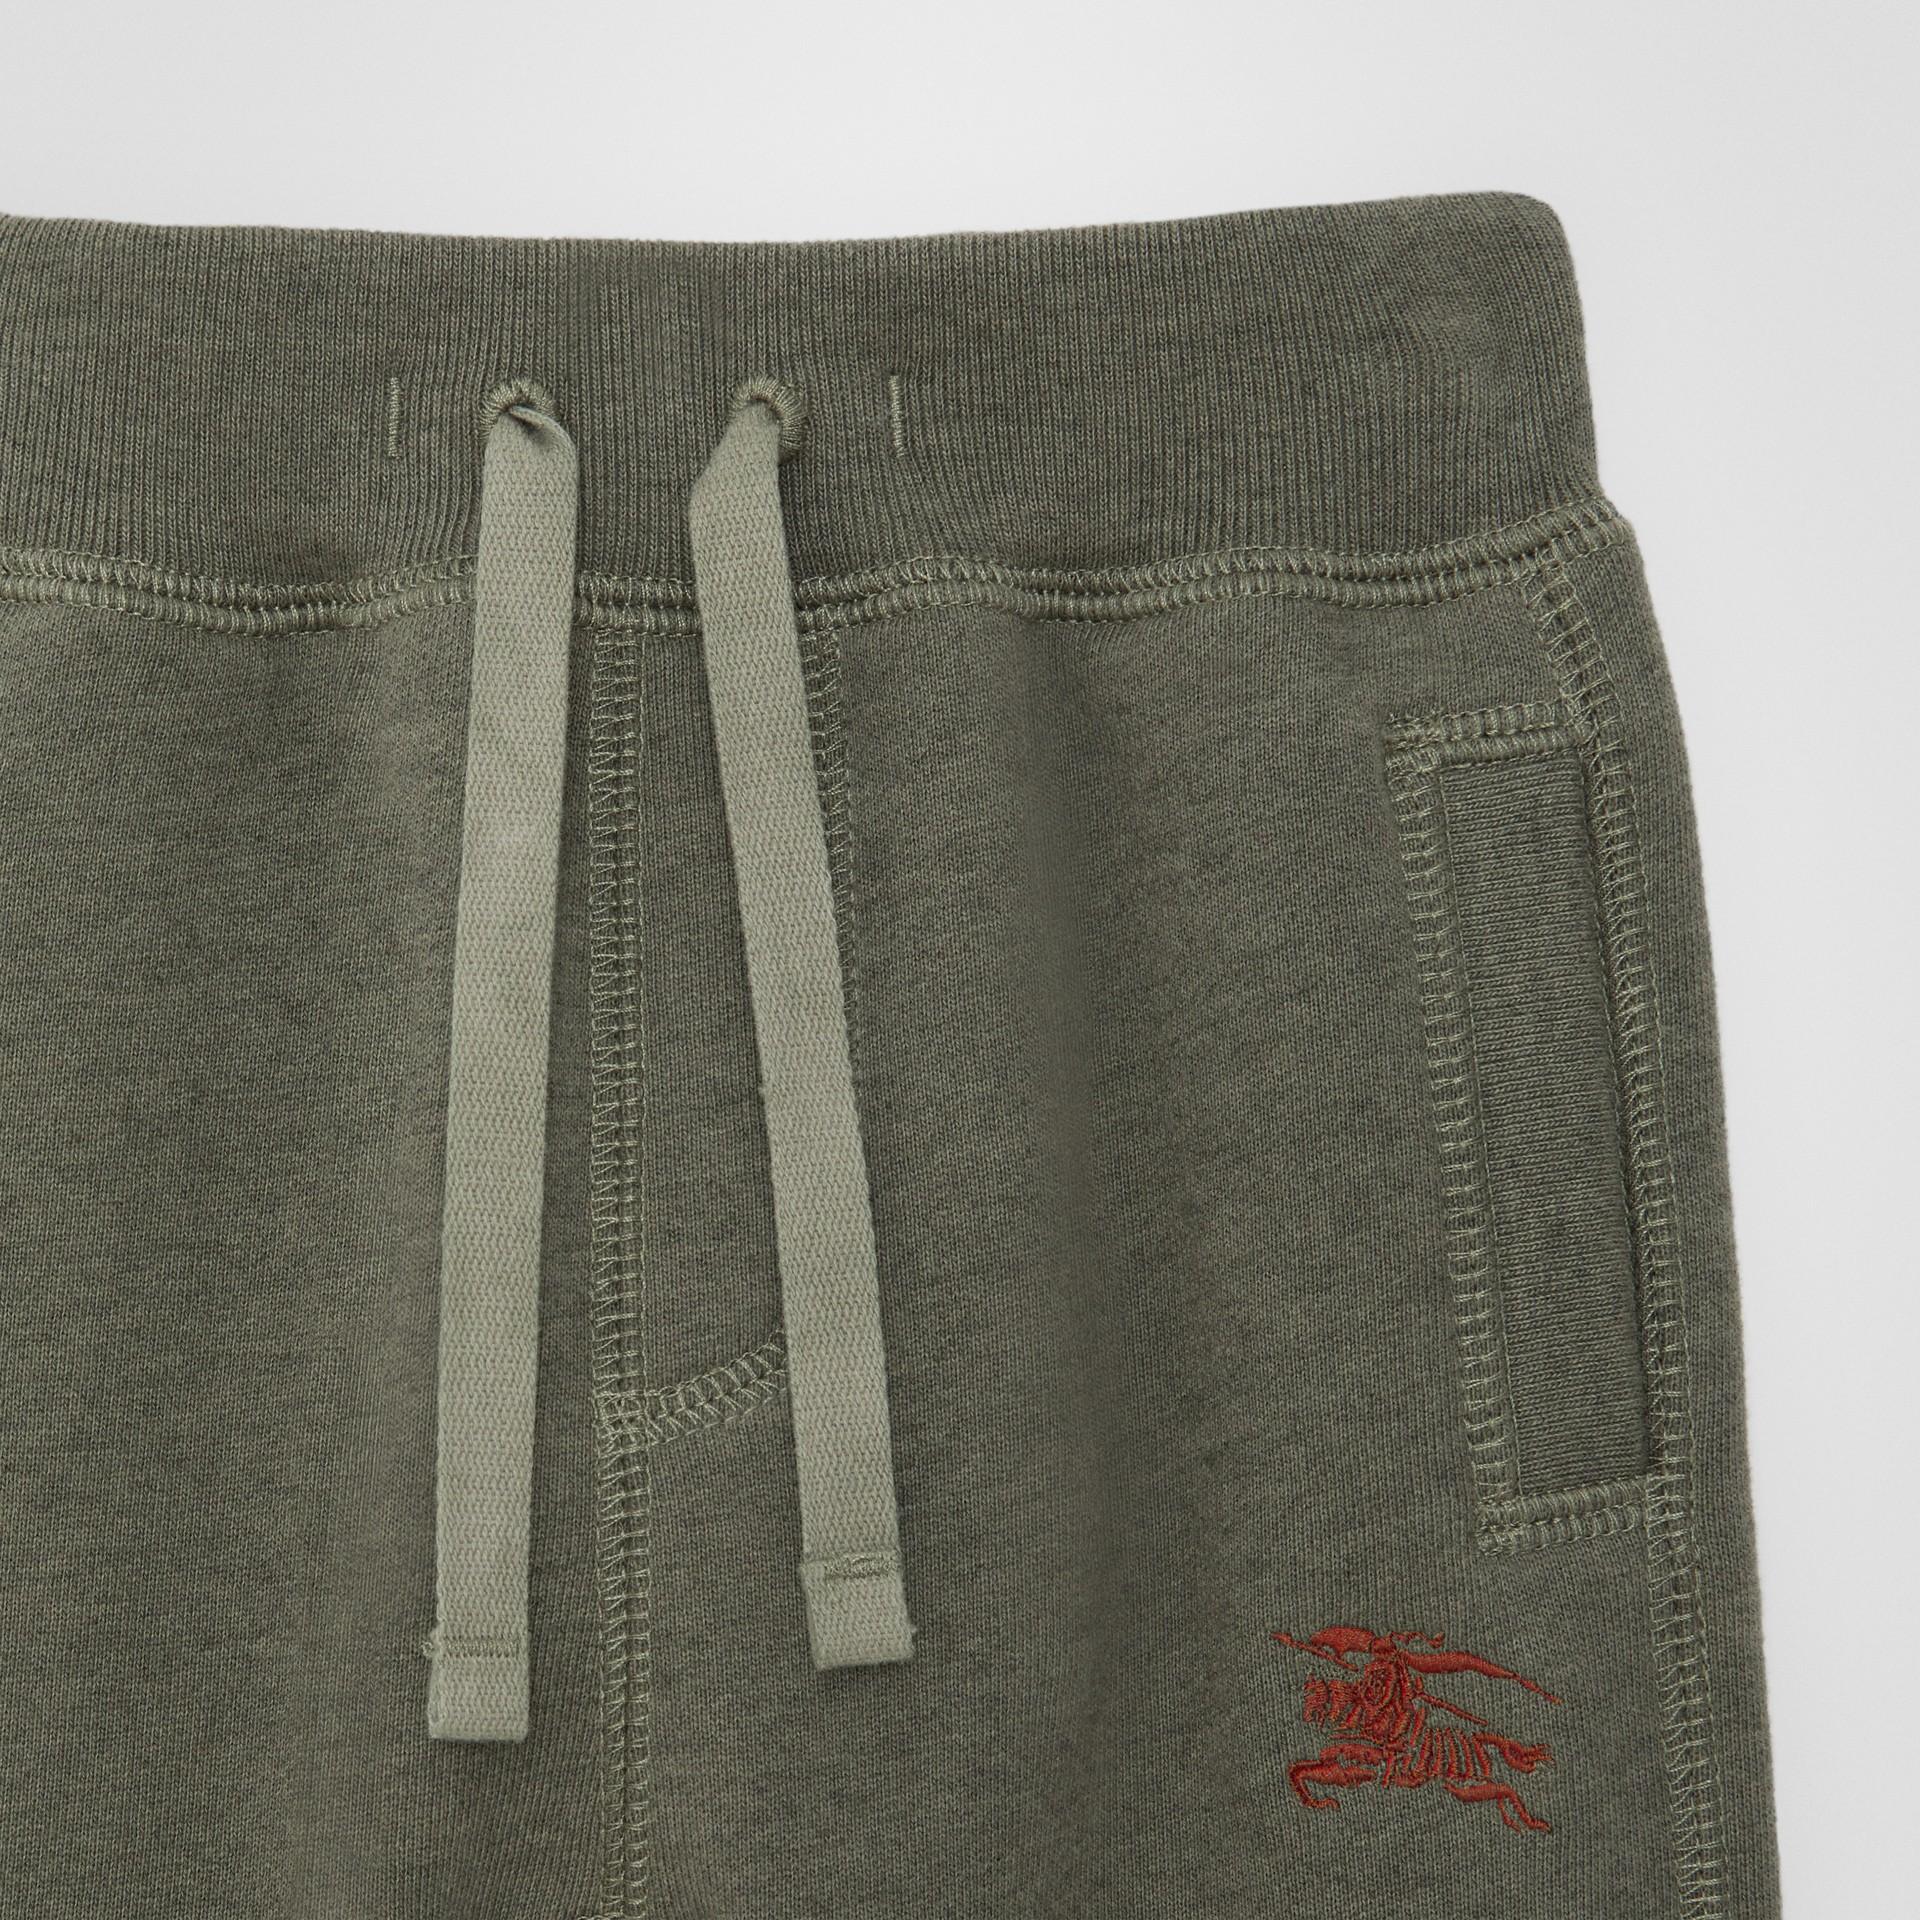 徽標繡飾棉質運動褲 (混合橄欖色) - 童款 | Burberry - 圖庫照片 4